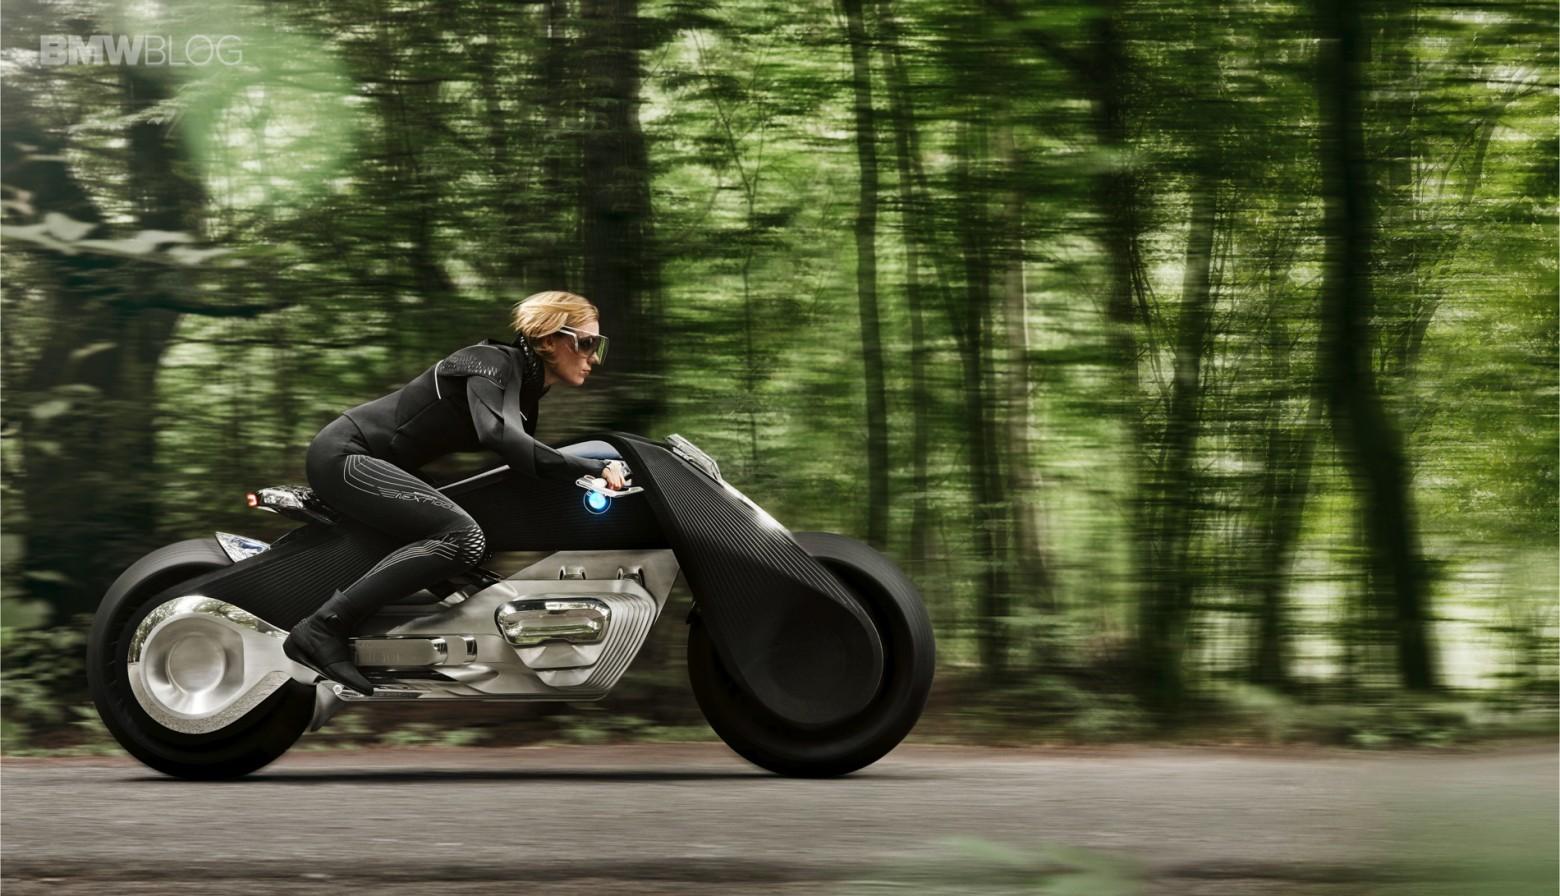 Концепт гибкого мотоцикла BMW Motorrad VISION NEXT 100 - 6